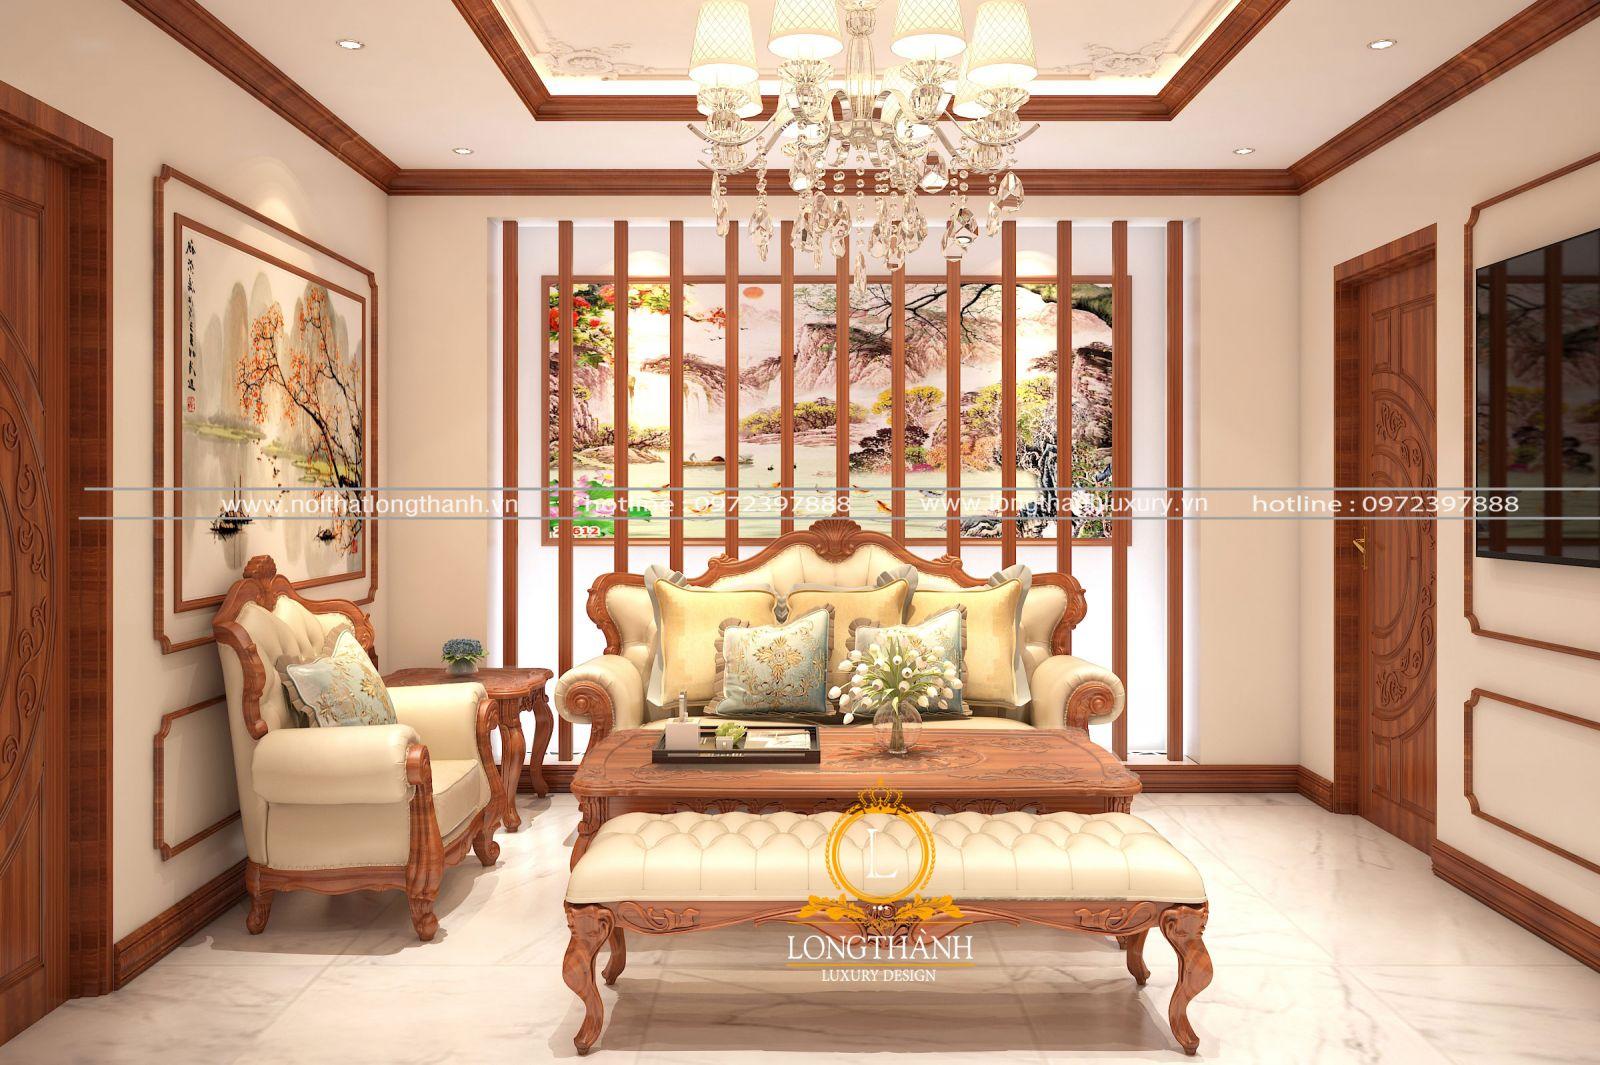 Sofa văng tân cổ điển đem đến sự thoải mái cho người sử dụng